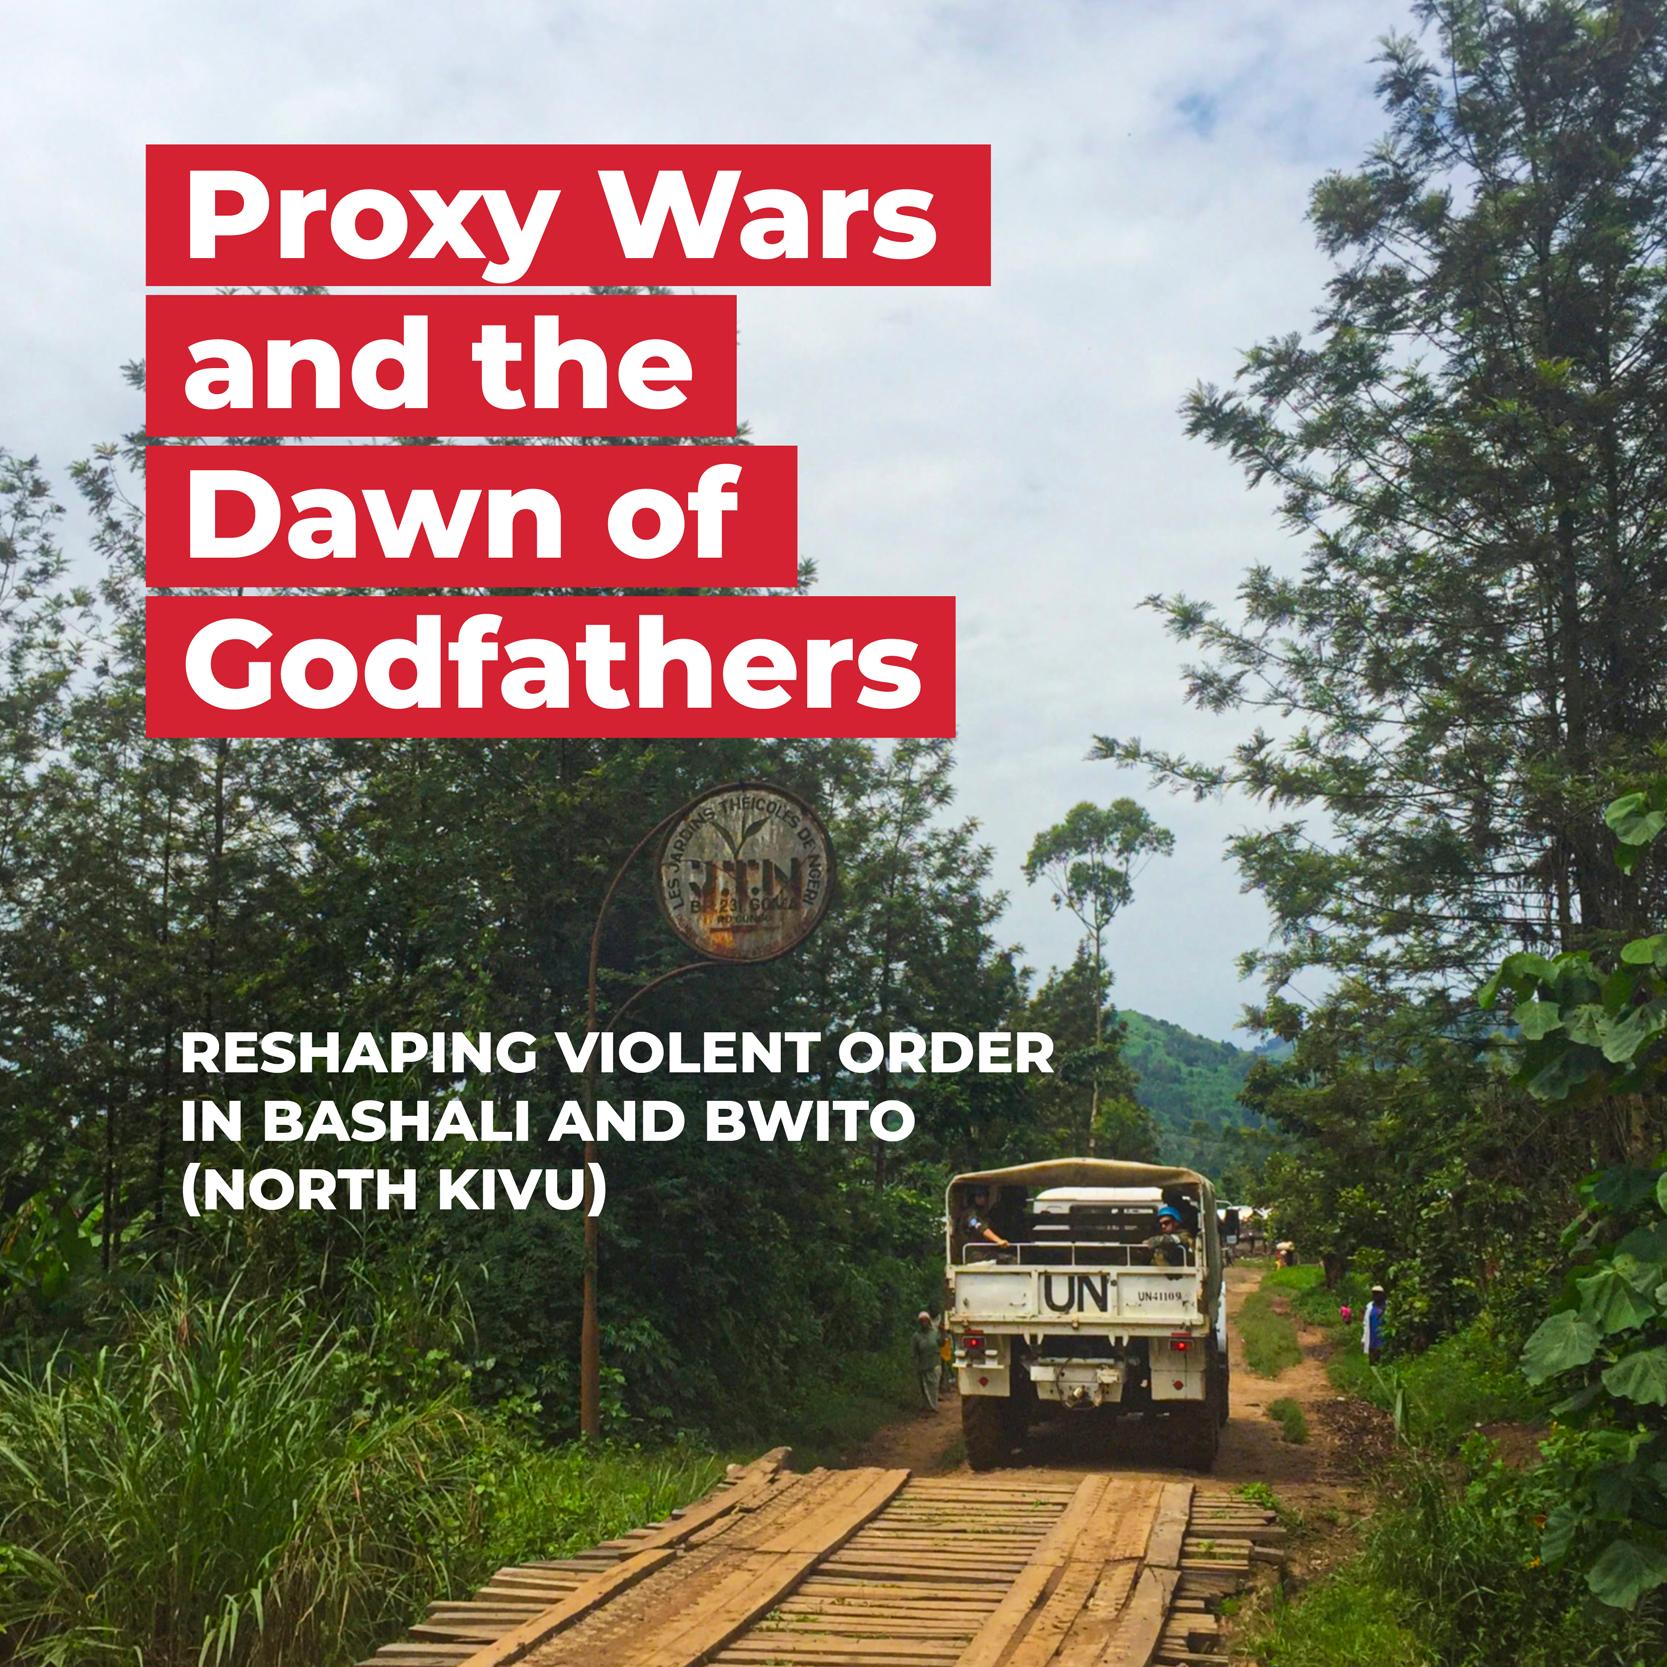 GIC_Proxy Wars and Godfathers_1